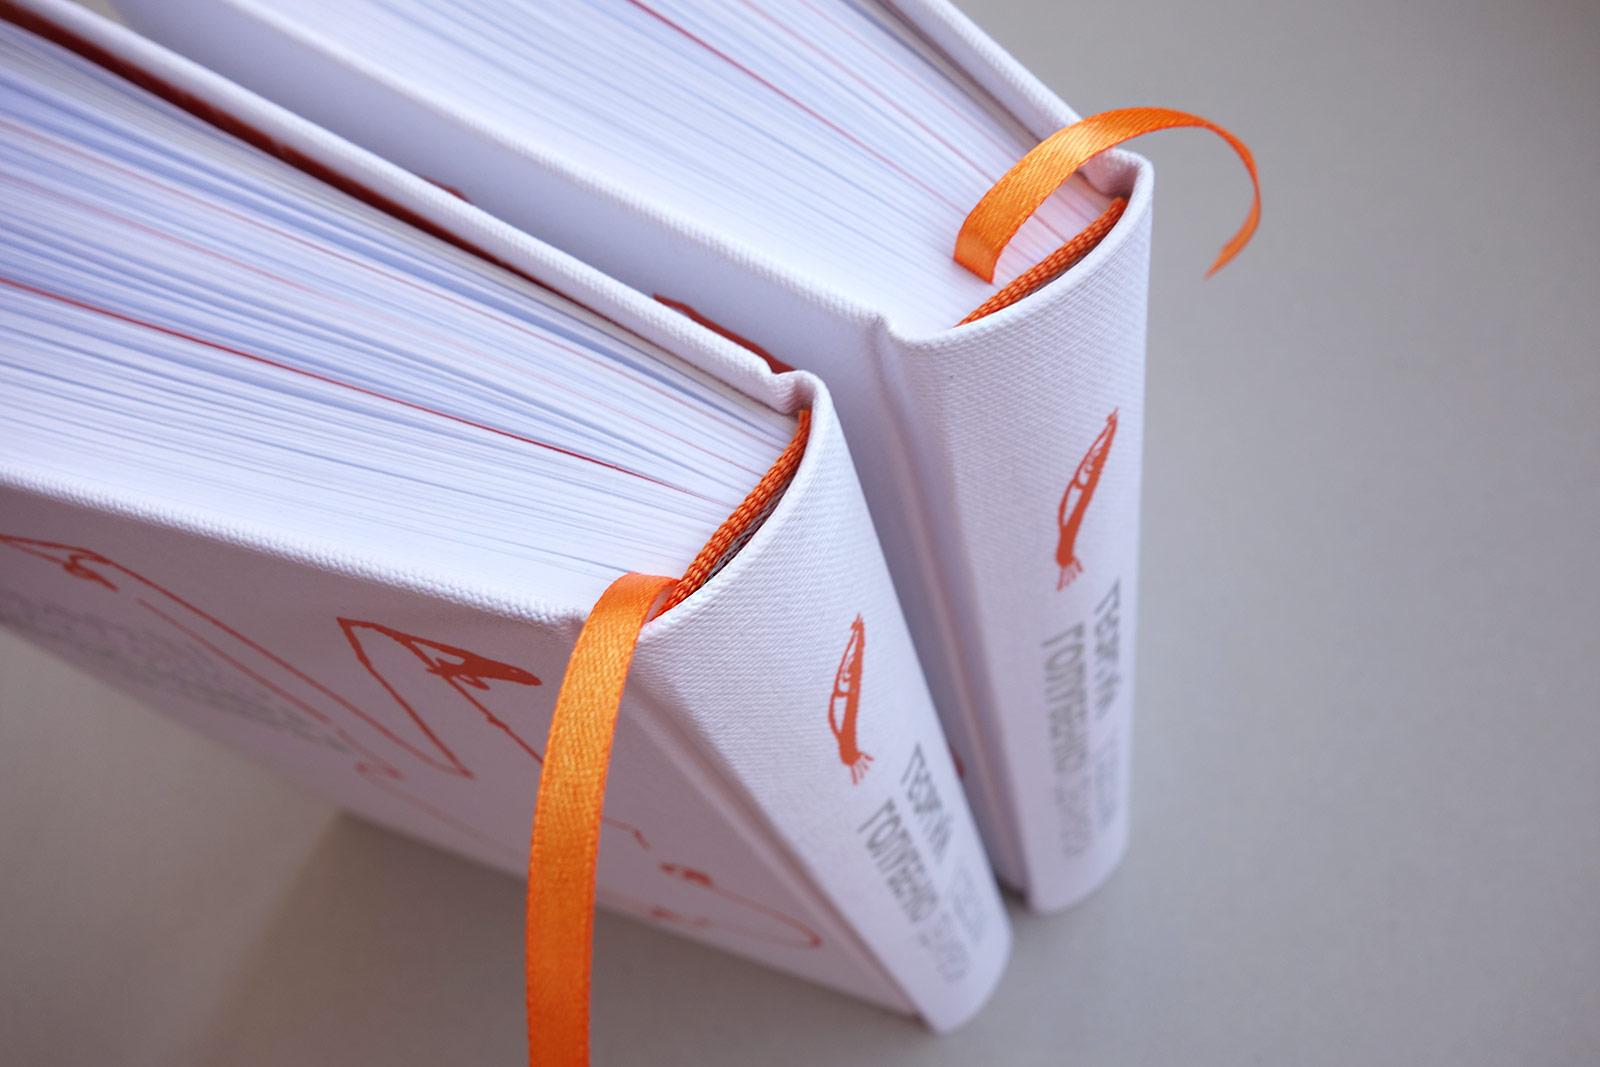 Агентство Asgard Branding, юбилейный альбом, дизайн, ляссе, печать, печатные издания, дизайн книги, Георгий Голубенко